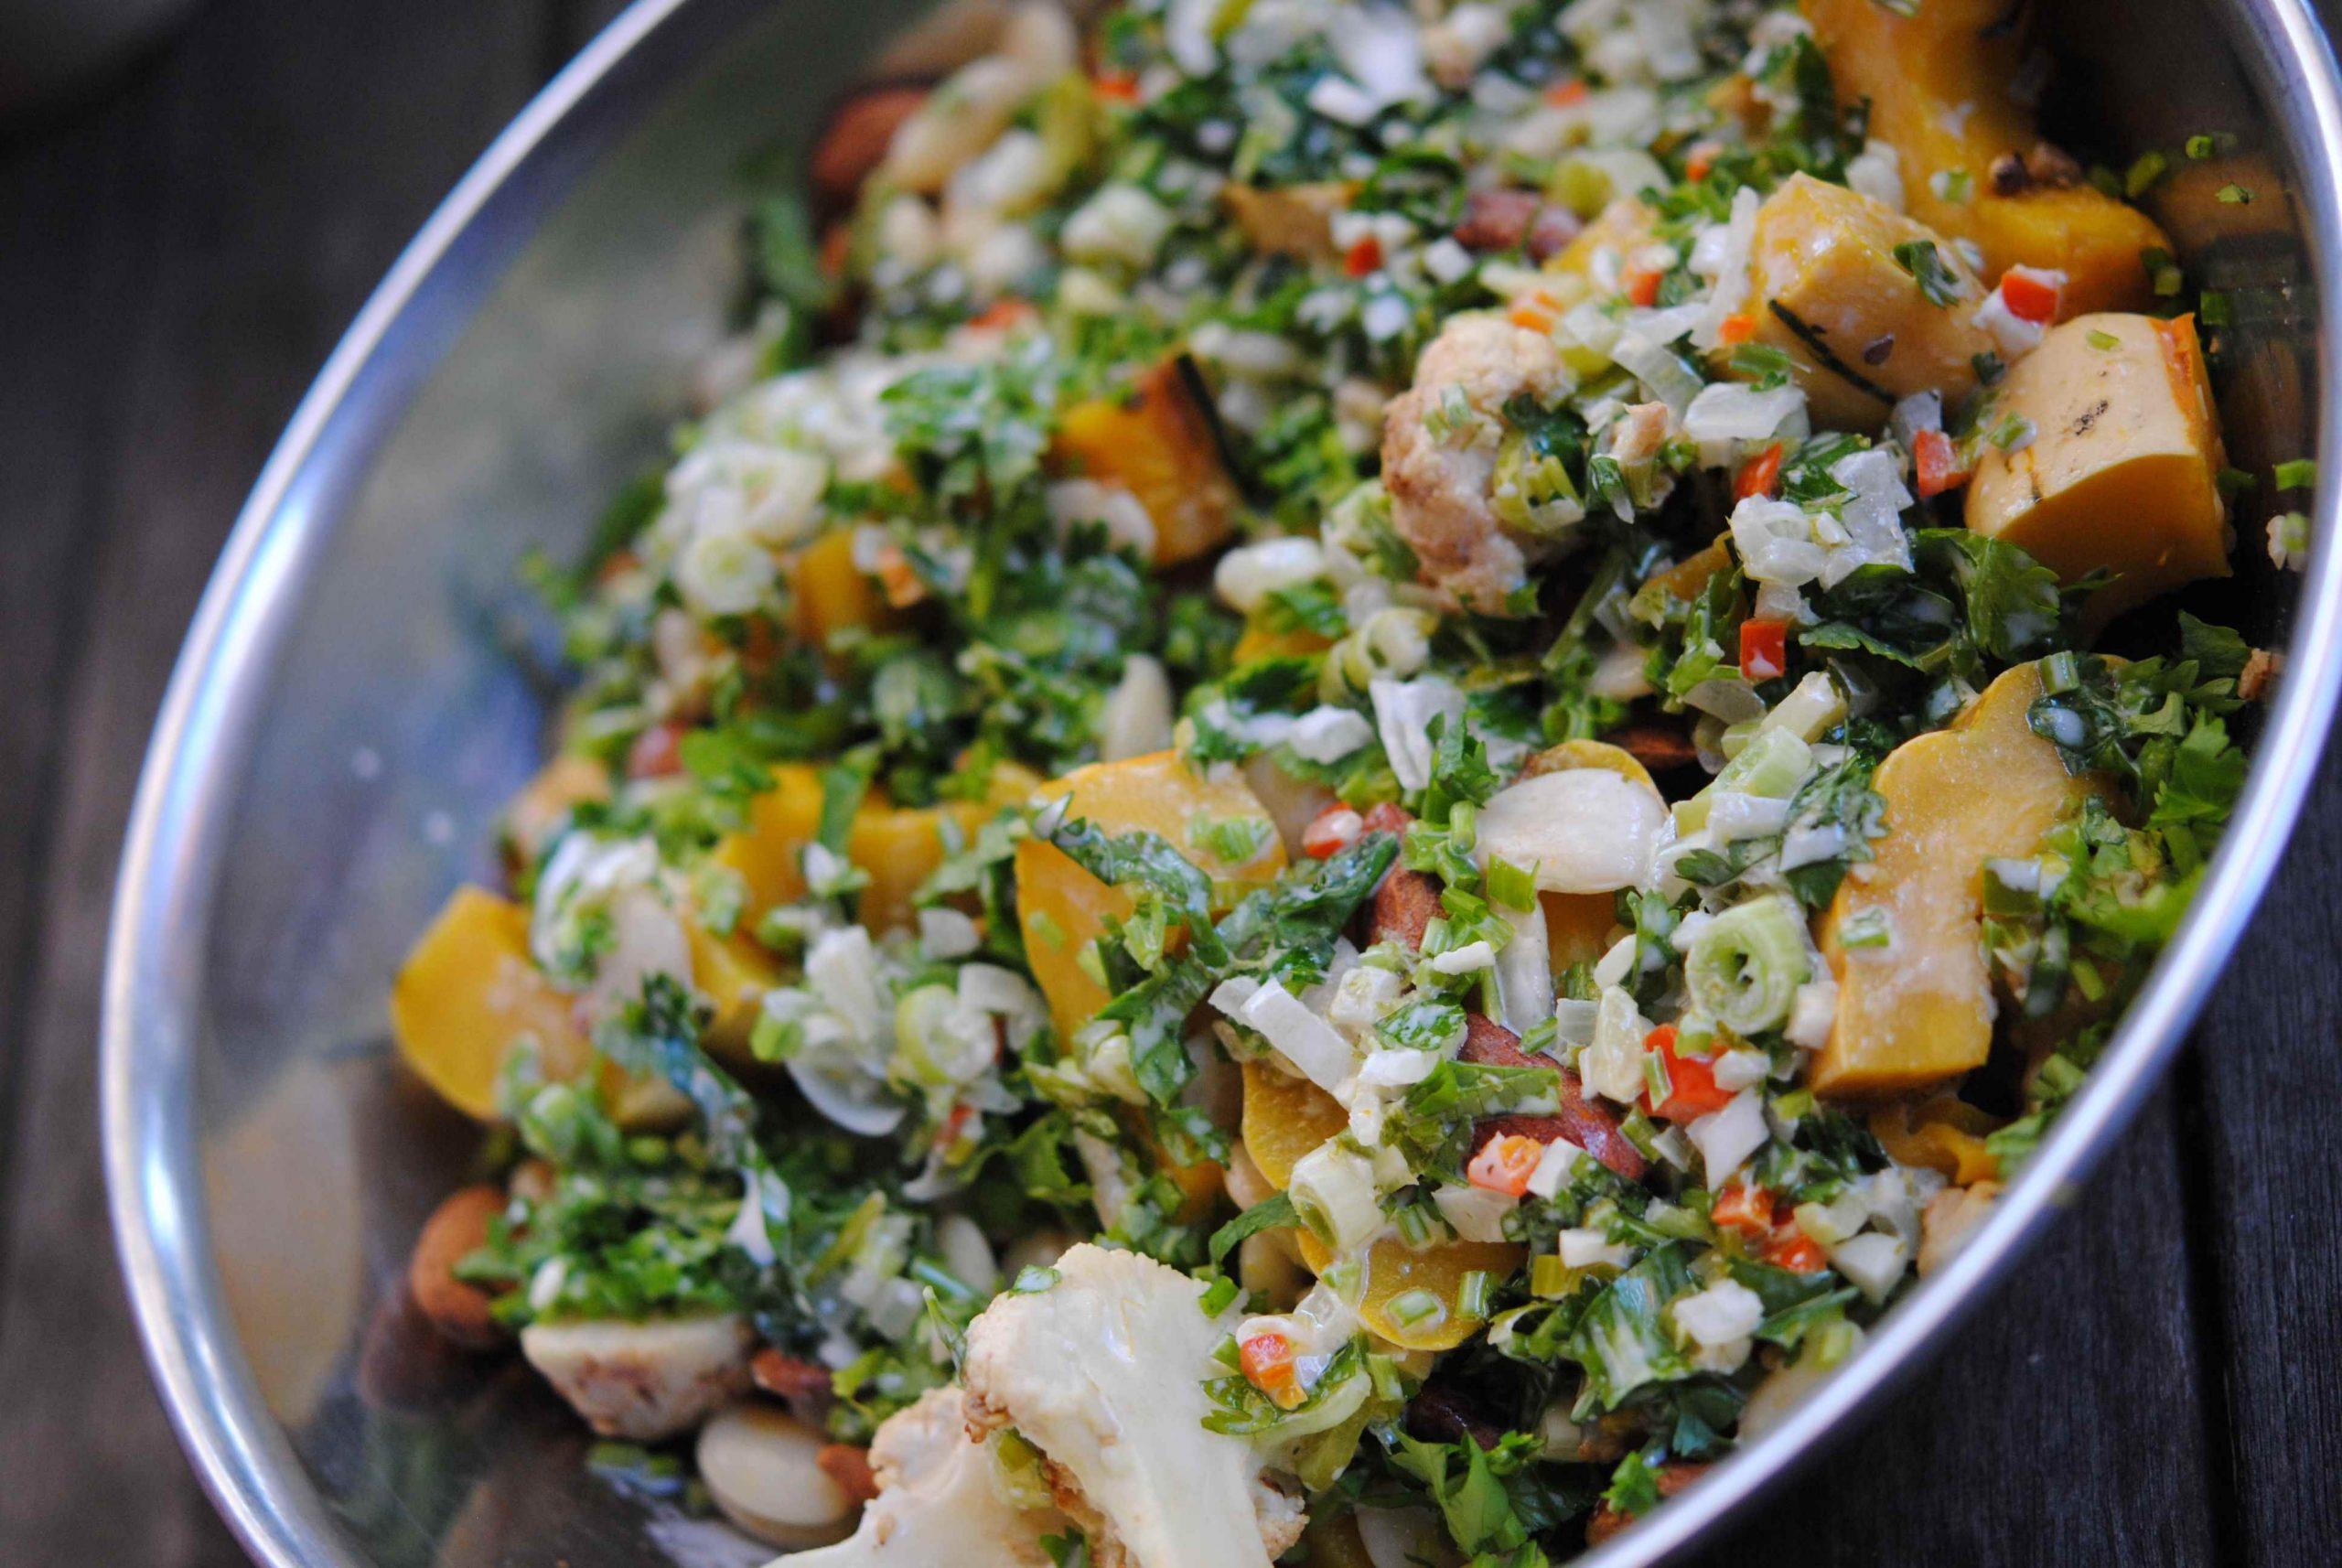 Salade de haricots blancs courge délicata vinaigrette au lait de coco